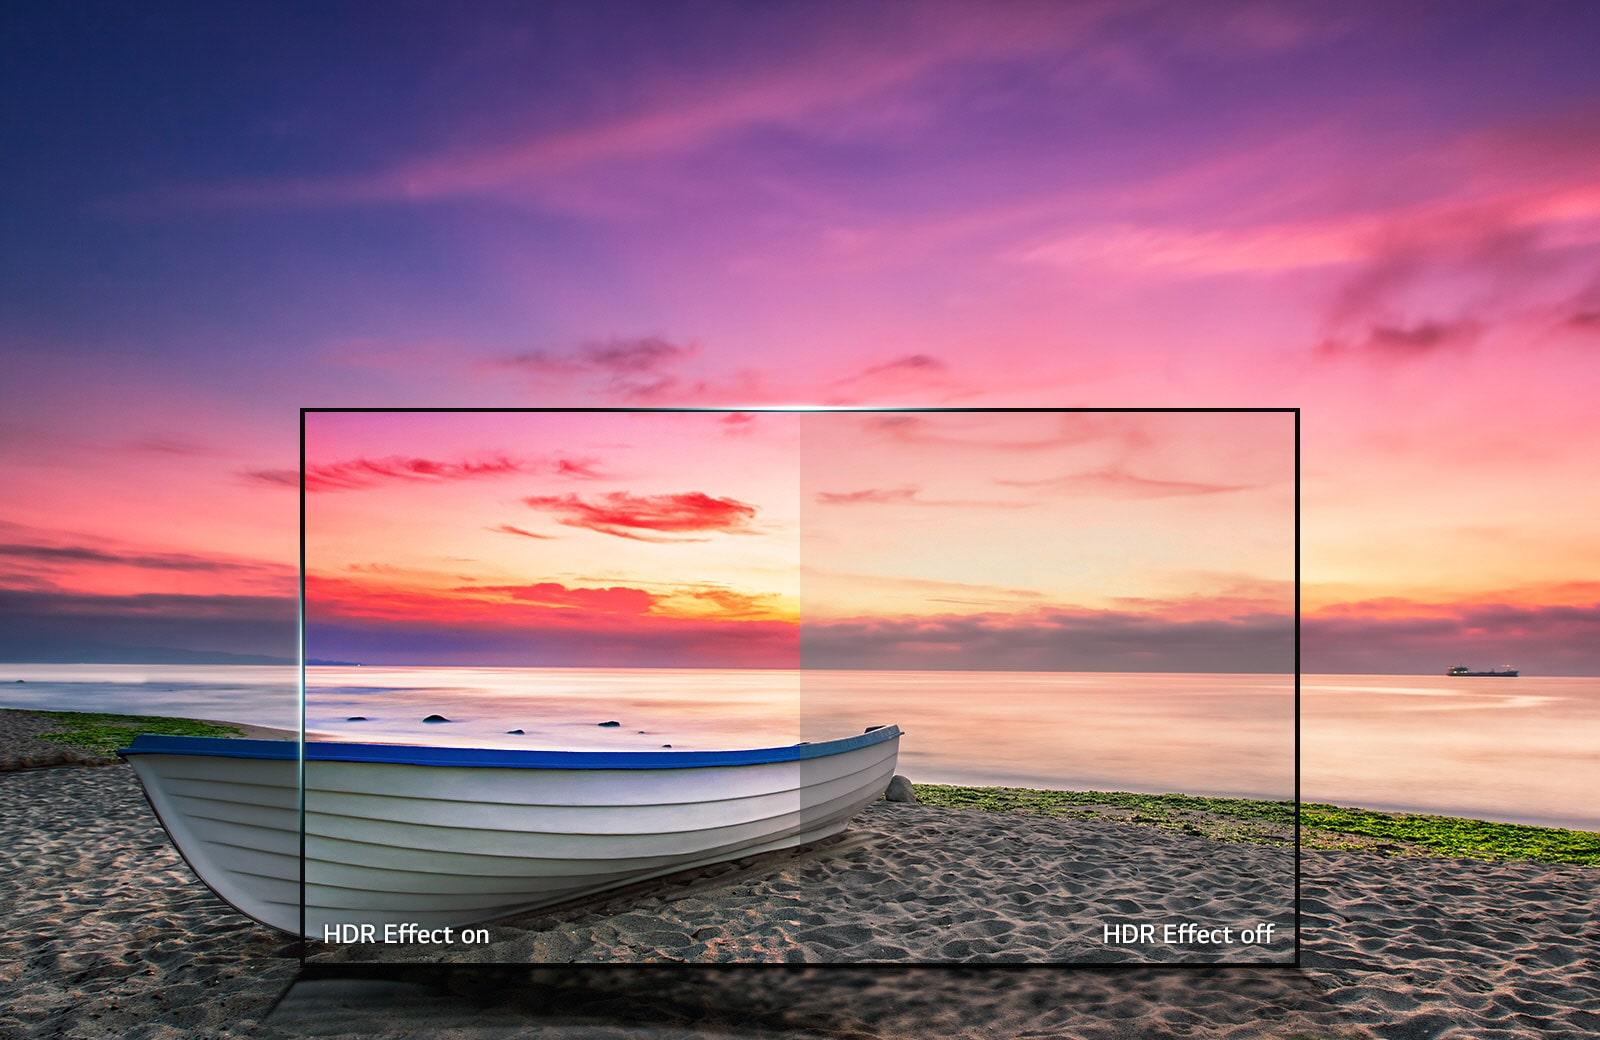 UJ75_B_HDR-Effect-05072017-Desktop